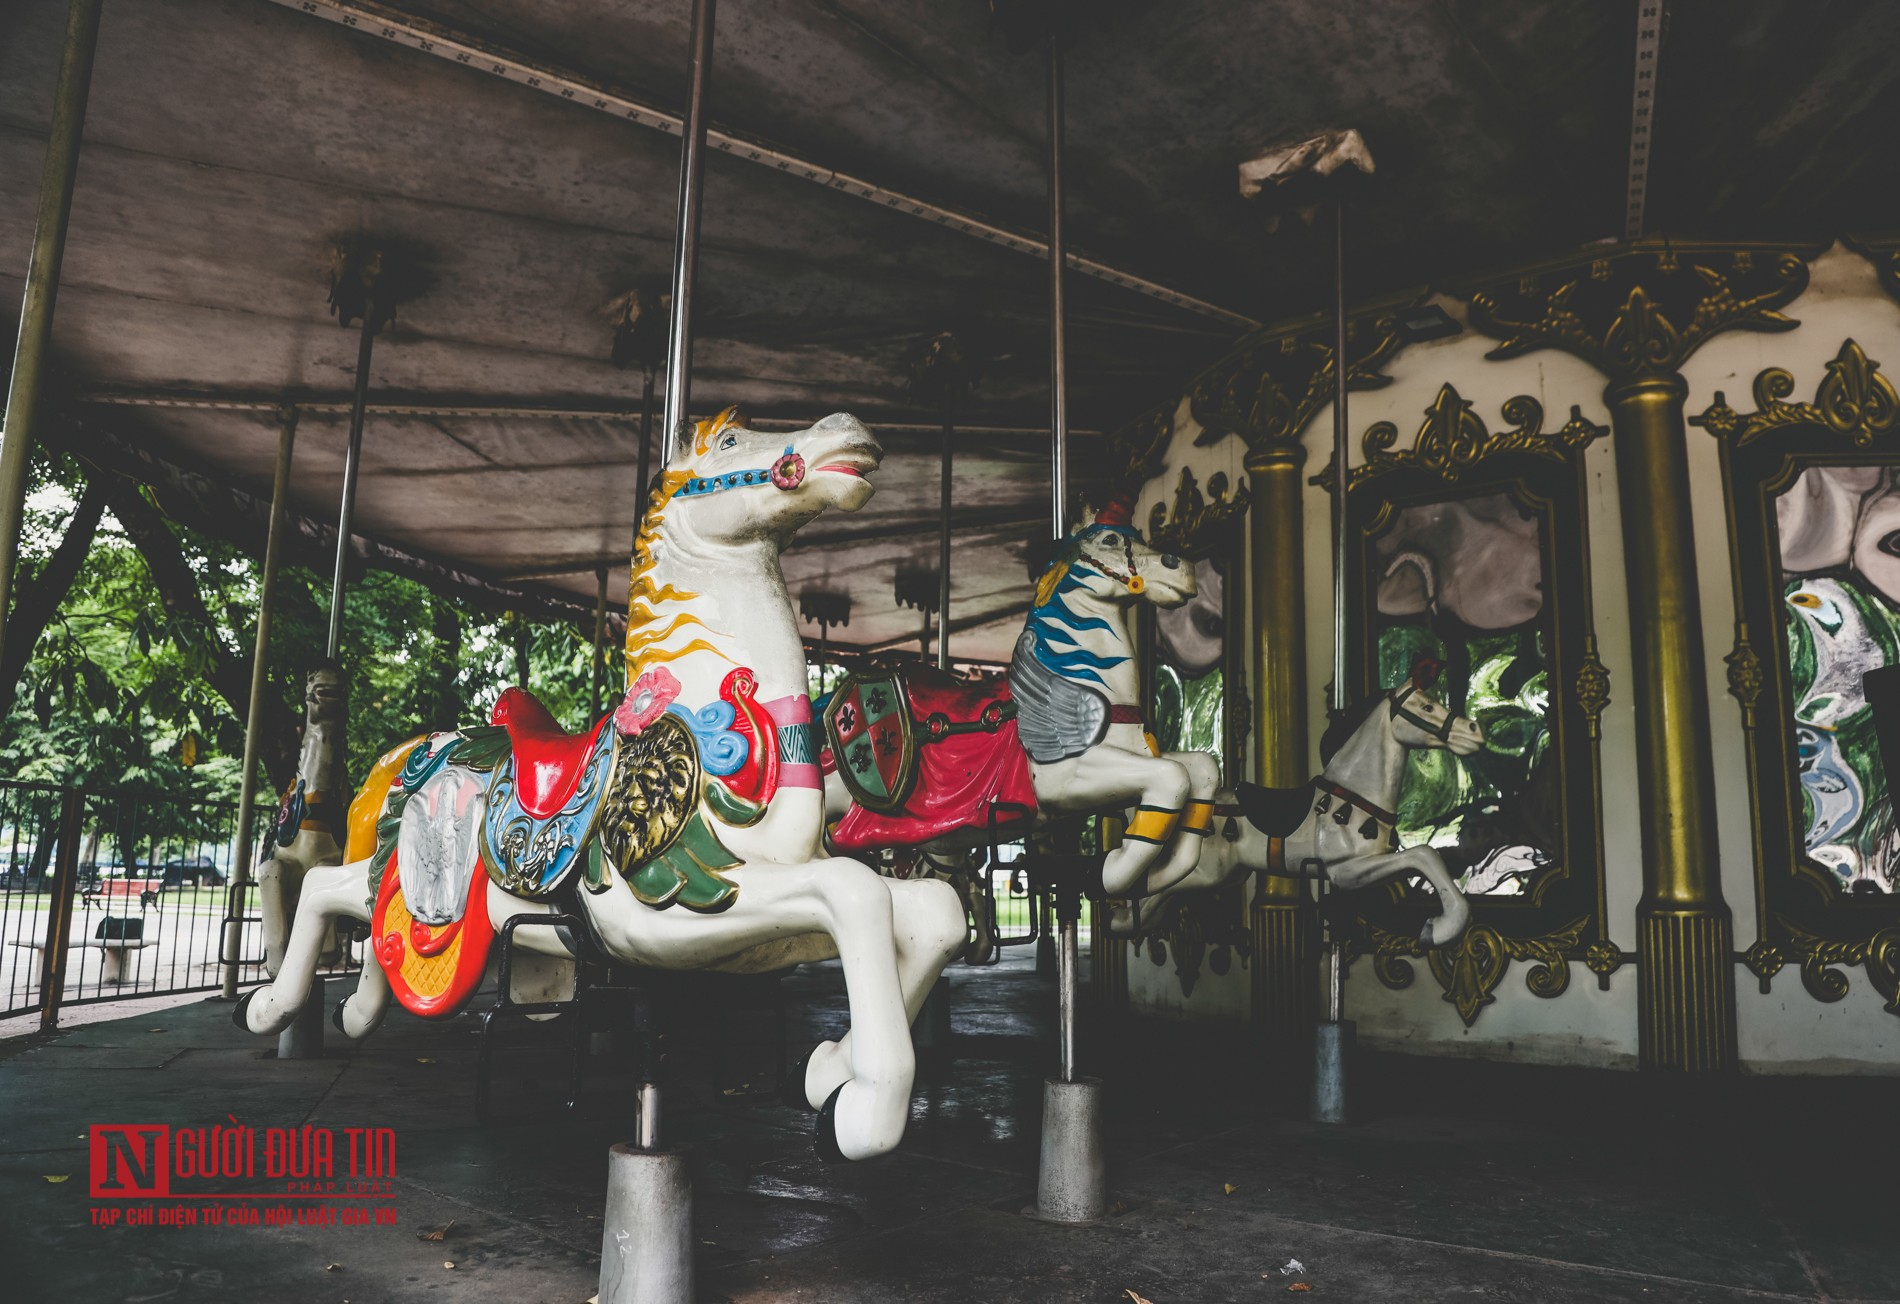 Hà Nội: Xót xa những hạng mục vui chơi cho trẻ xuống cấp, hư hỏng tại công viên Thống Nhất-2